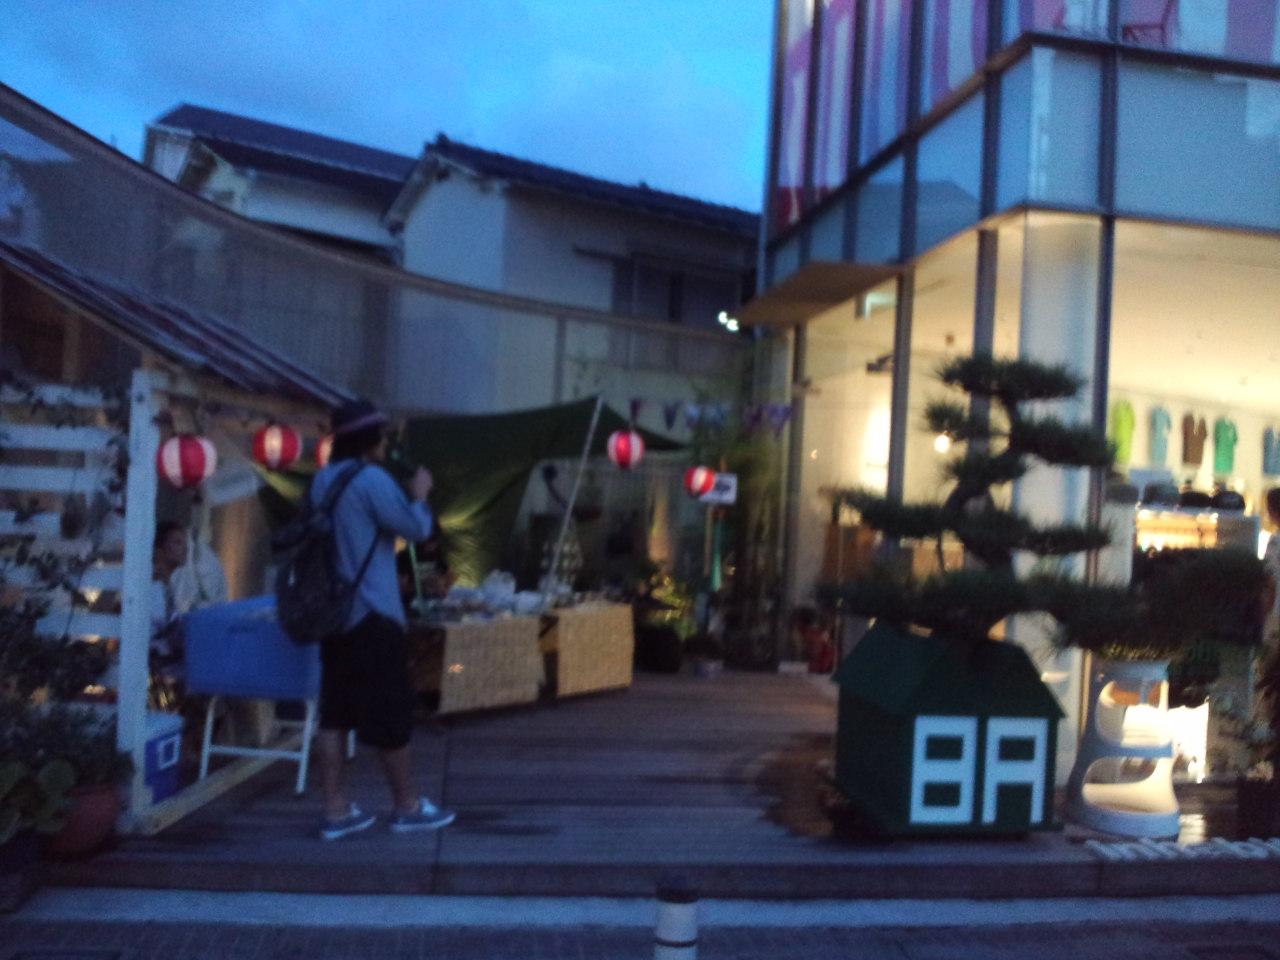 インハビタントストア東京にて夏祭り出店が★_c0151965_16372830.jpg